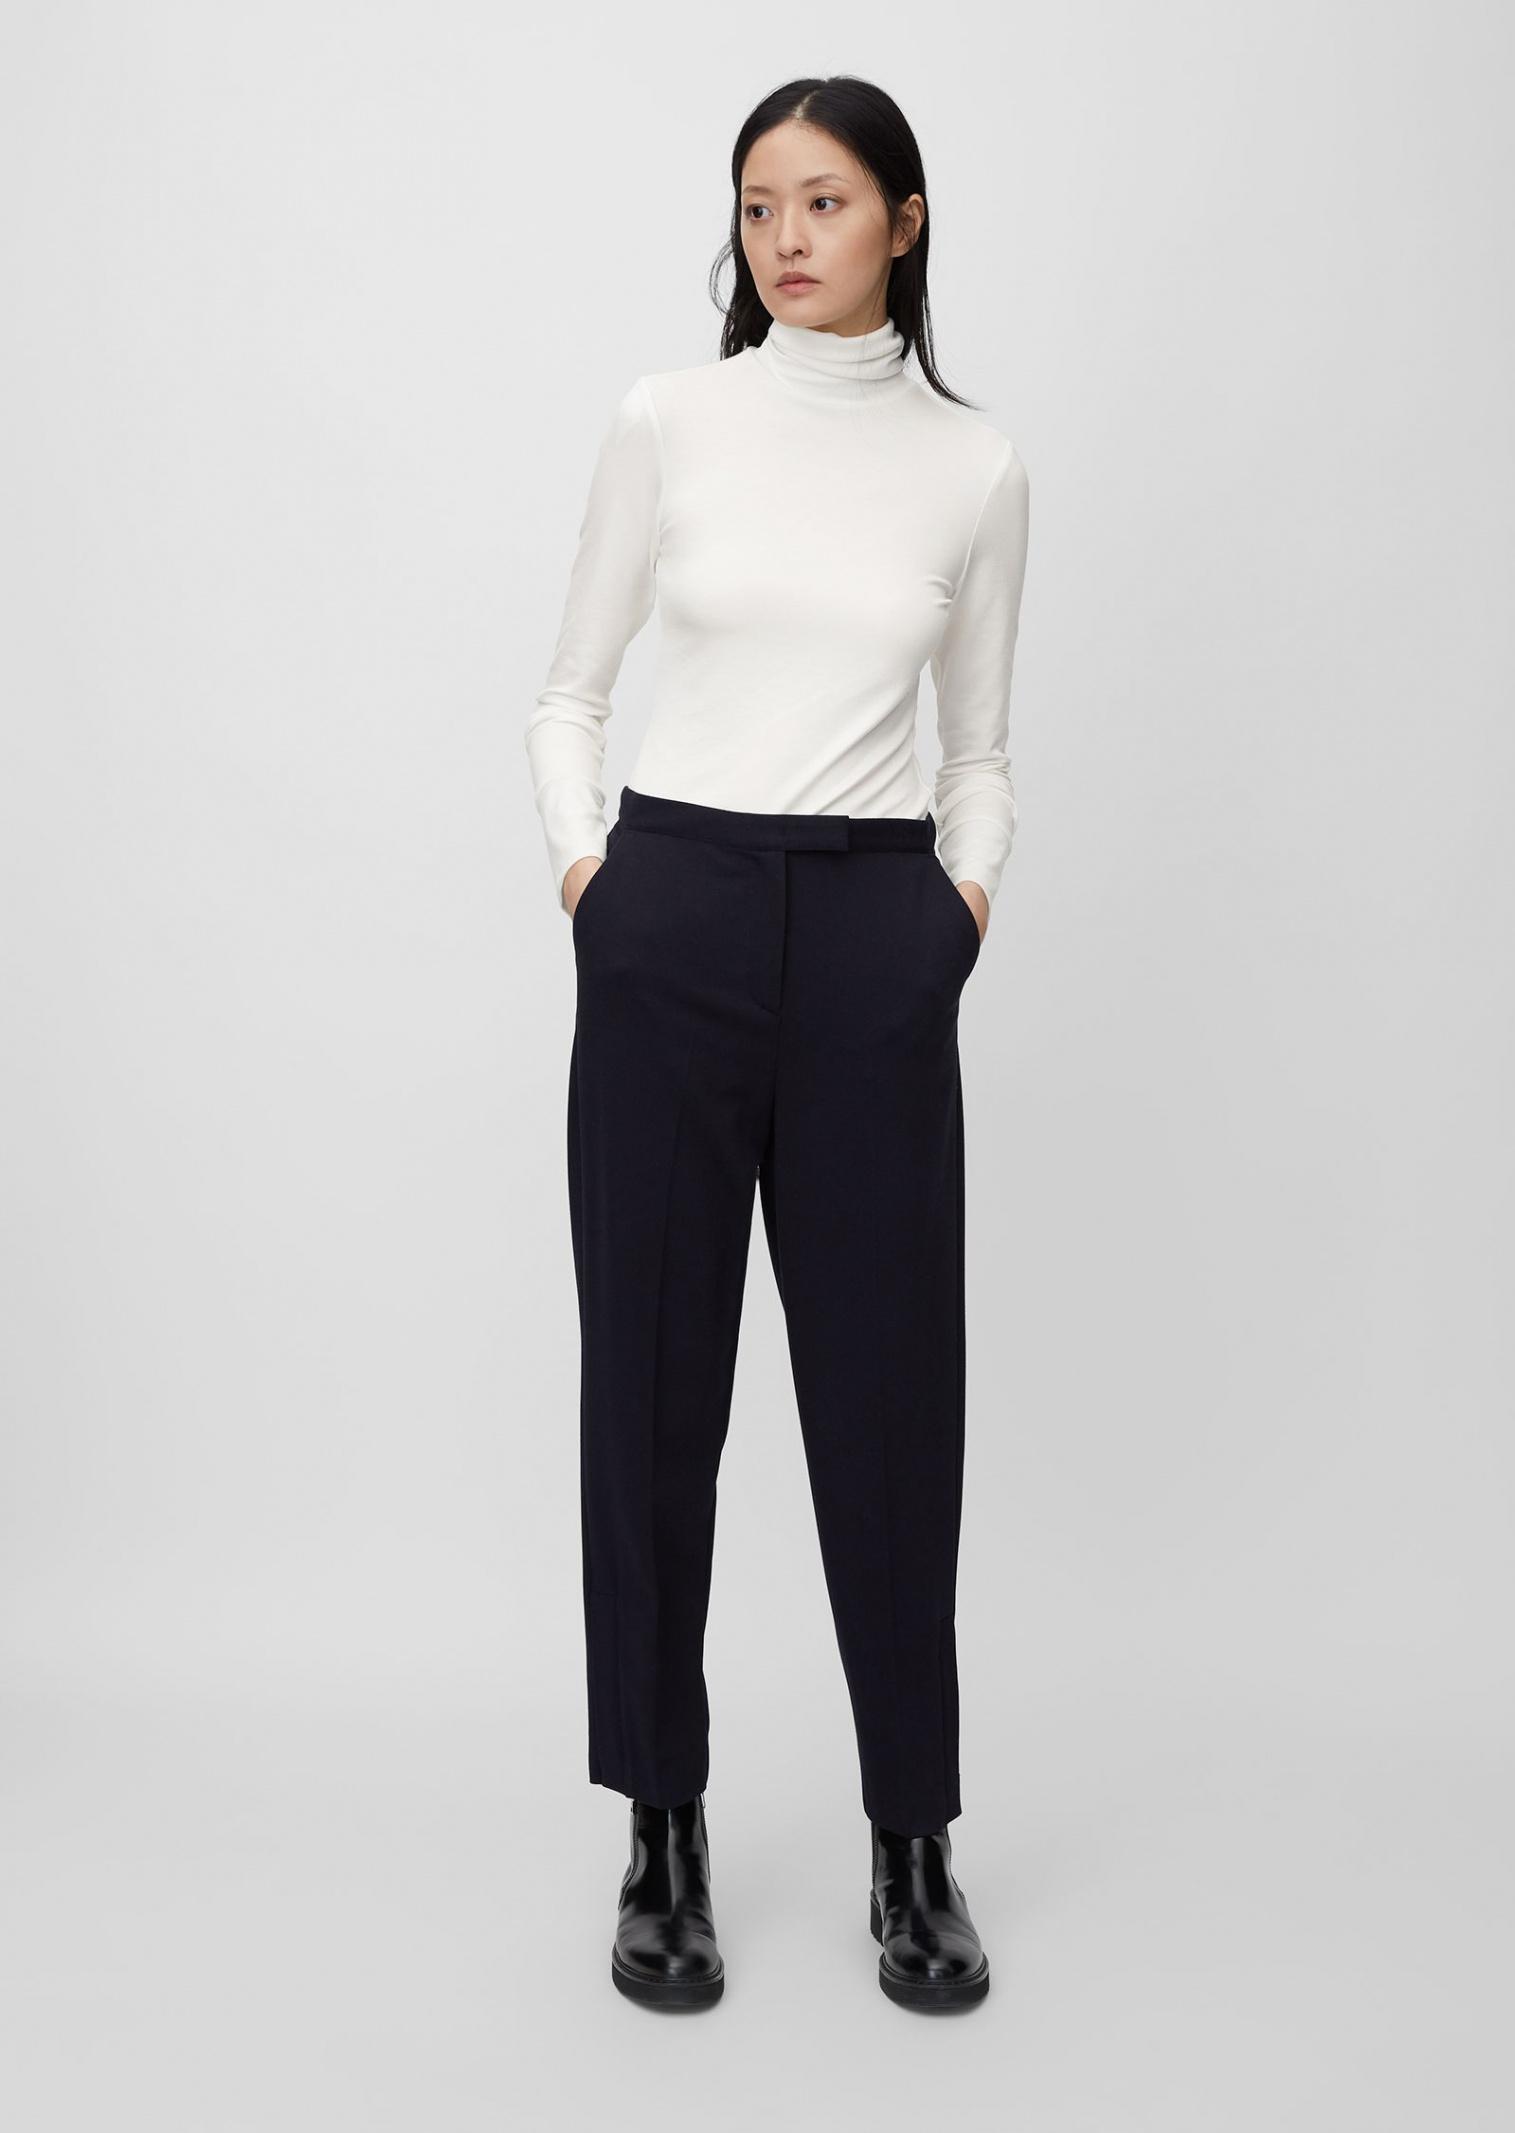 Кофты и свитера женские MARC O'POLO Pure модель PF3957 , 2017